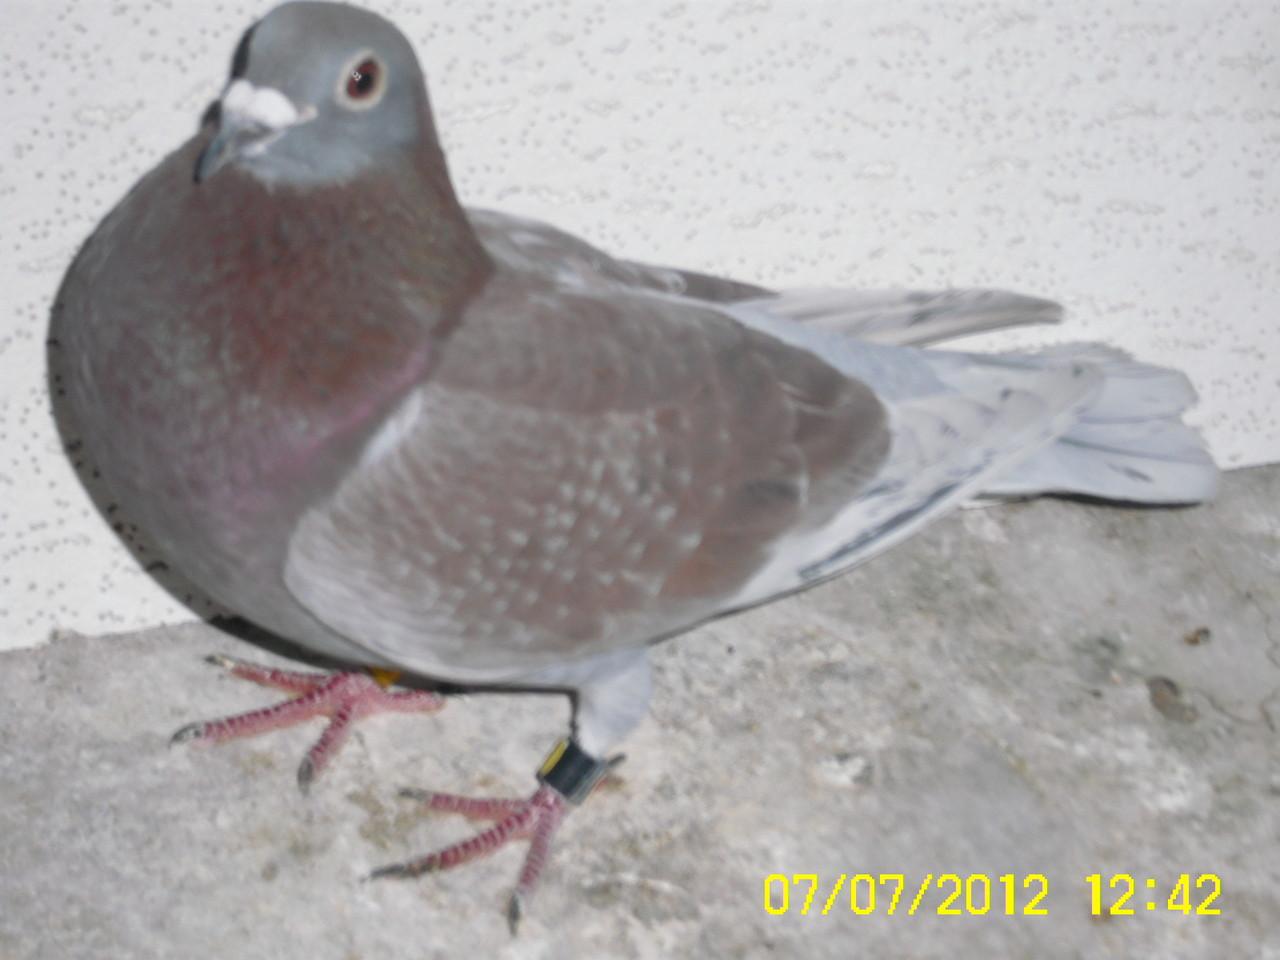 Der Rote Weitstreckenvogel 710 und 1.Konkurs Flieger von Ruffec 844km